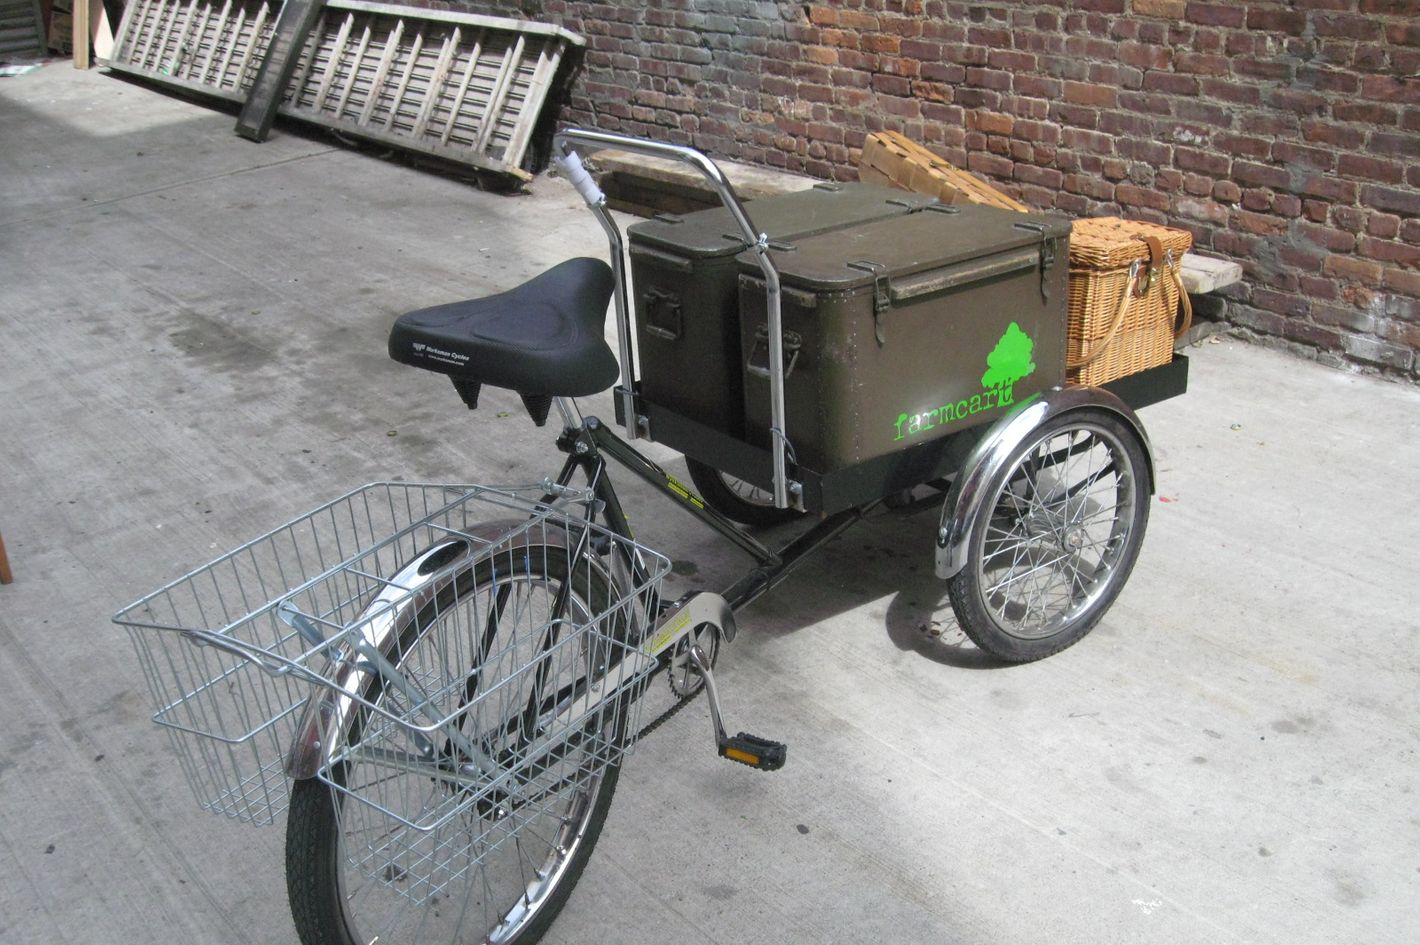 Farmcart's sandwich-delivery trike.